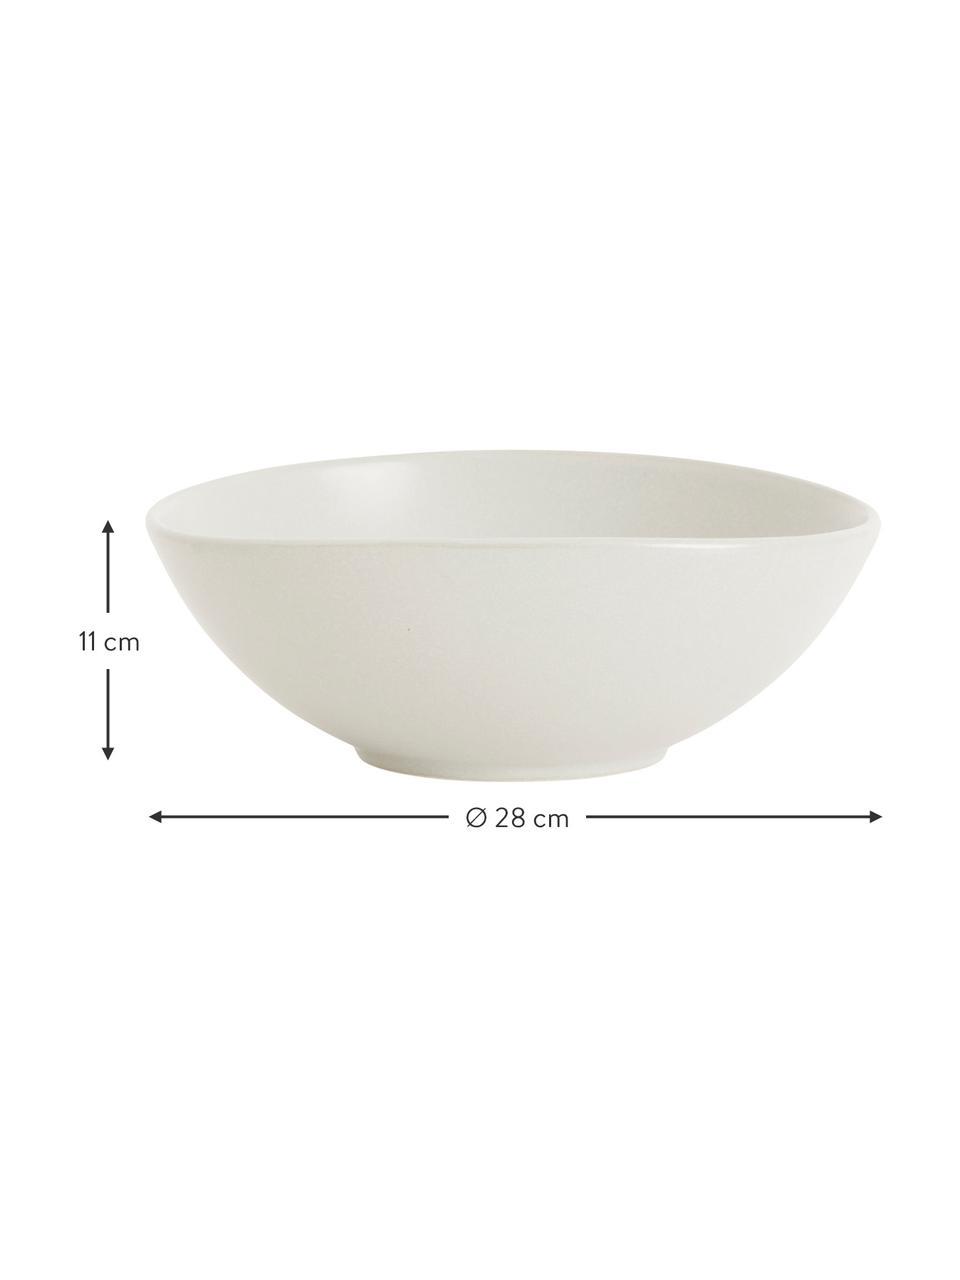 Keramische schaal Refine mat wit in organische vorm,  Ø 28, Keramiek, Gebroken wit, Ø 28 x H 11 cm